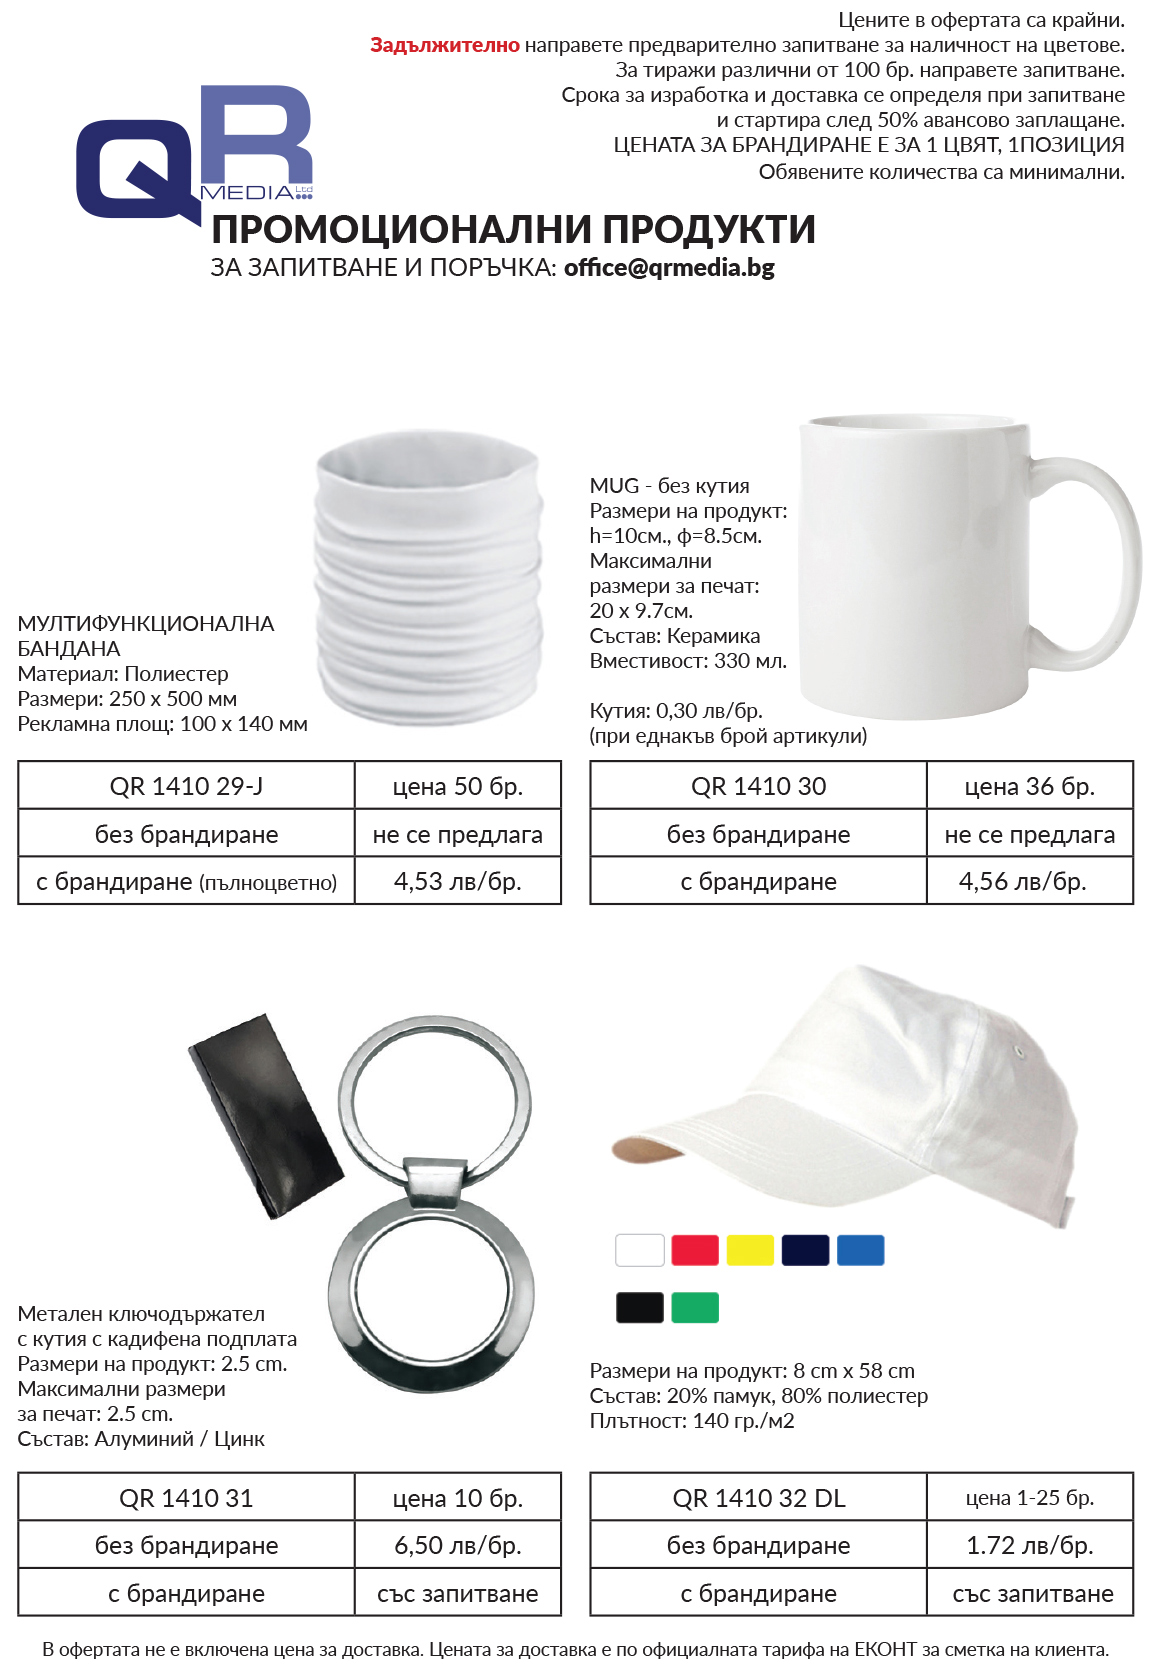 Рекламни продукти и сувенири